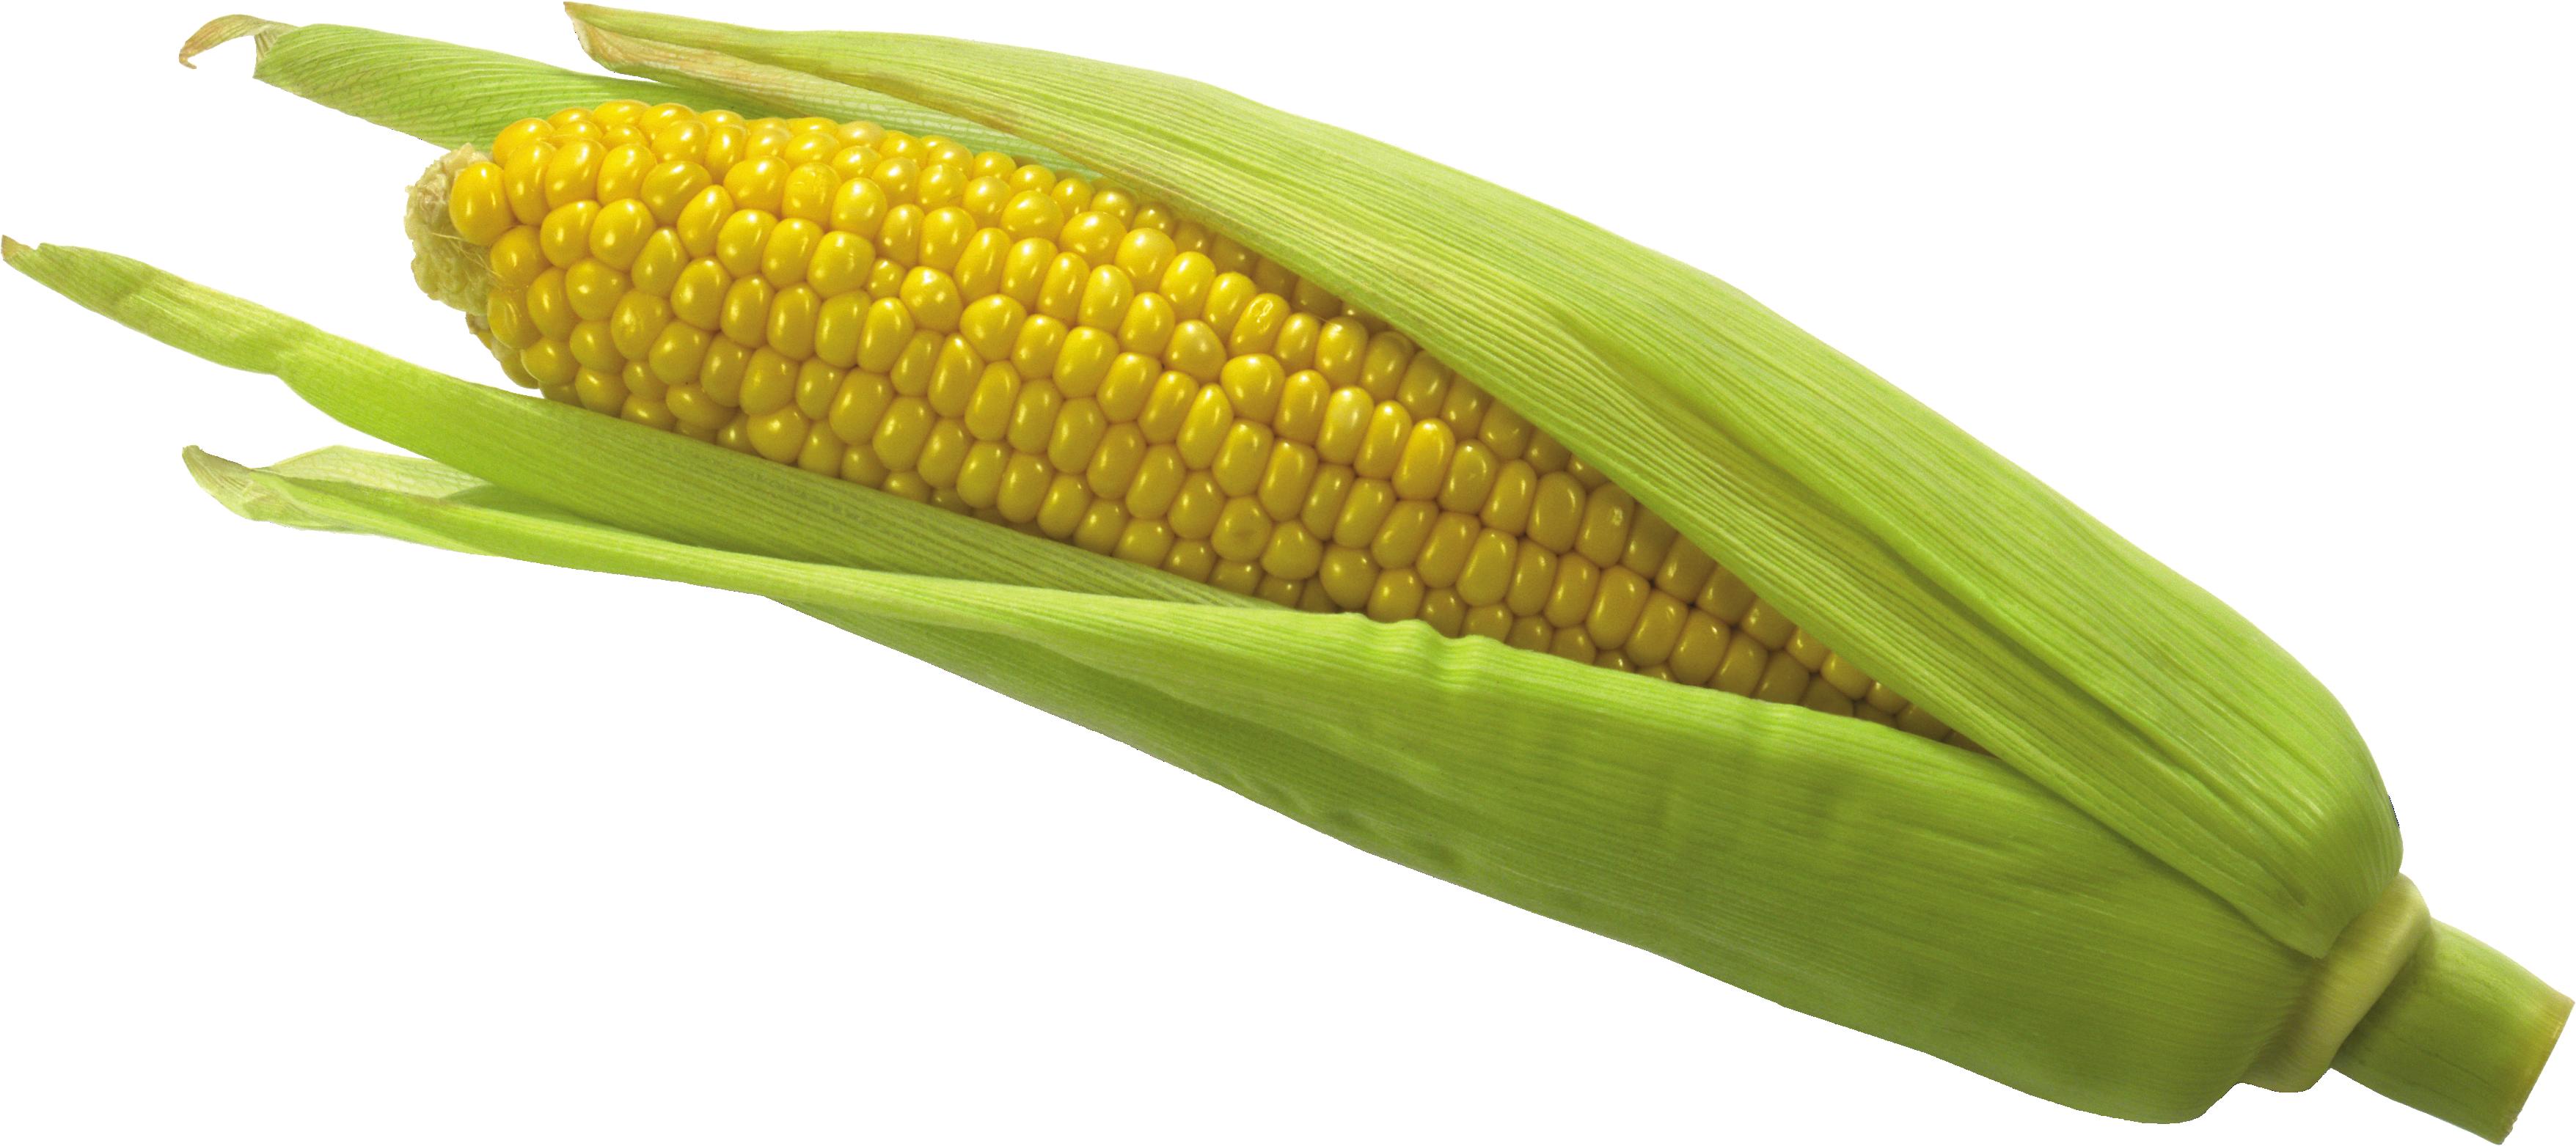 Flour clipart corn flour. Png image